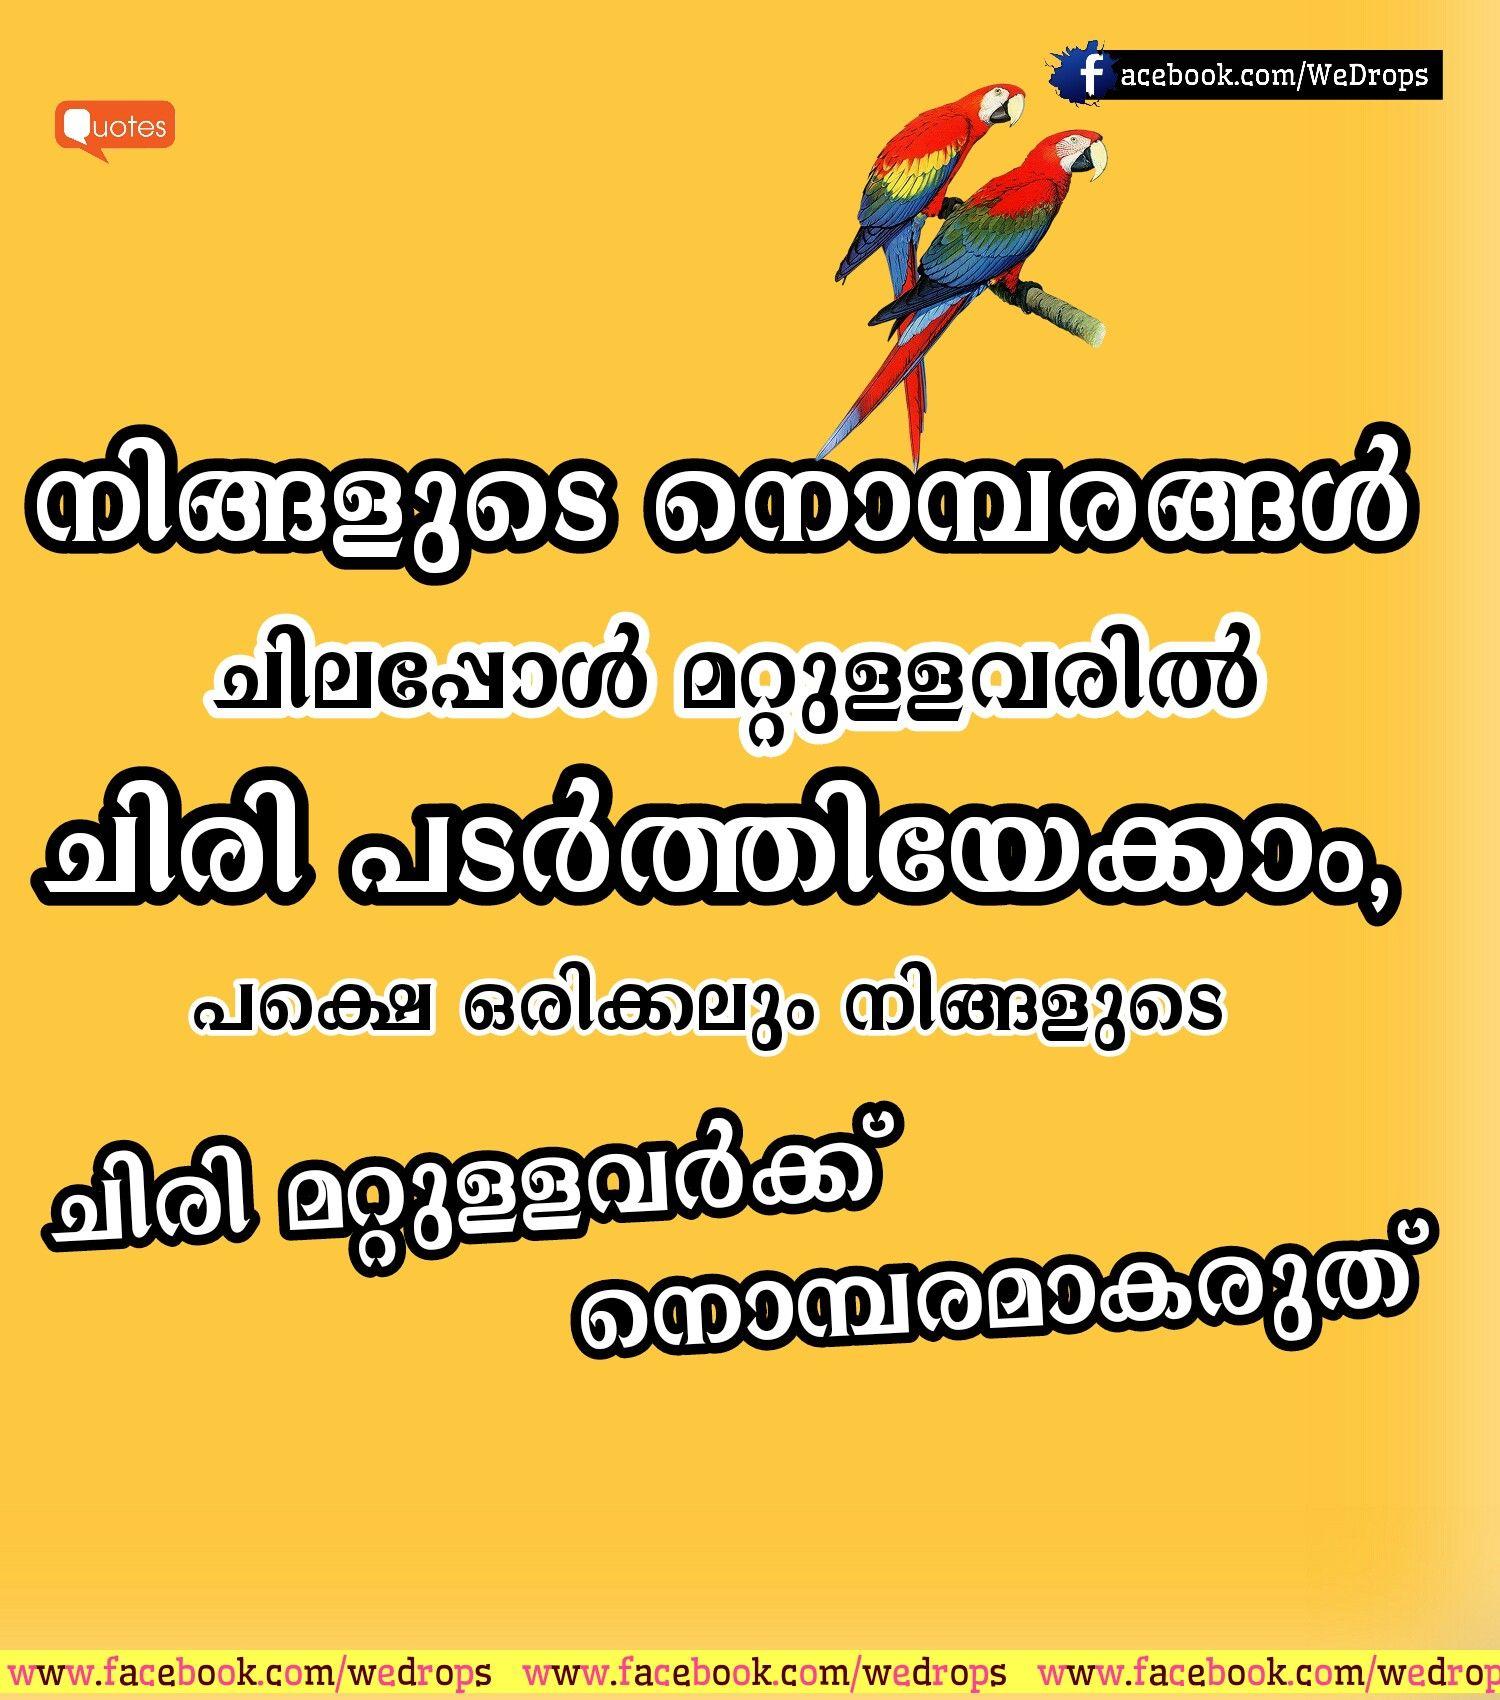 Malayalam Messages: Malayalam Scraps,Malayalam Quotes